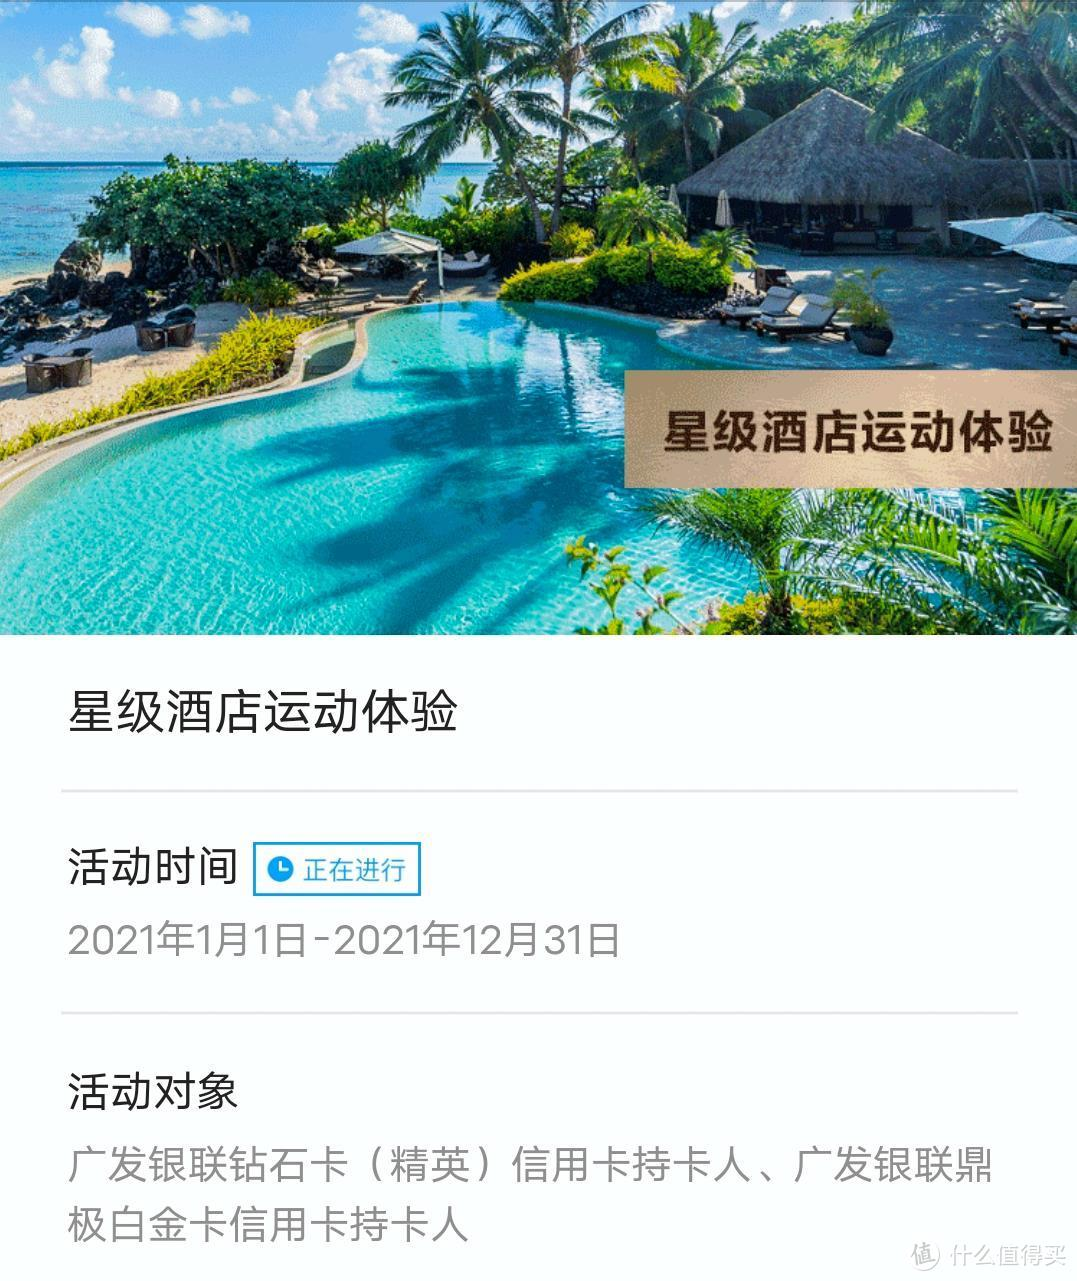 立省万元!今年夏天实现星级酒店游泳自由